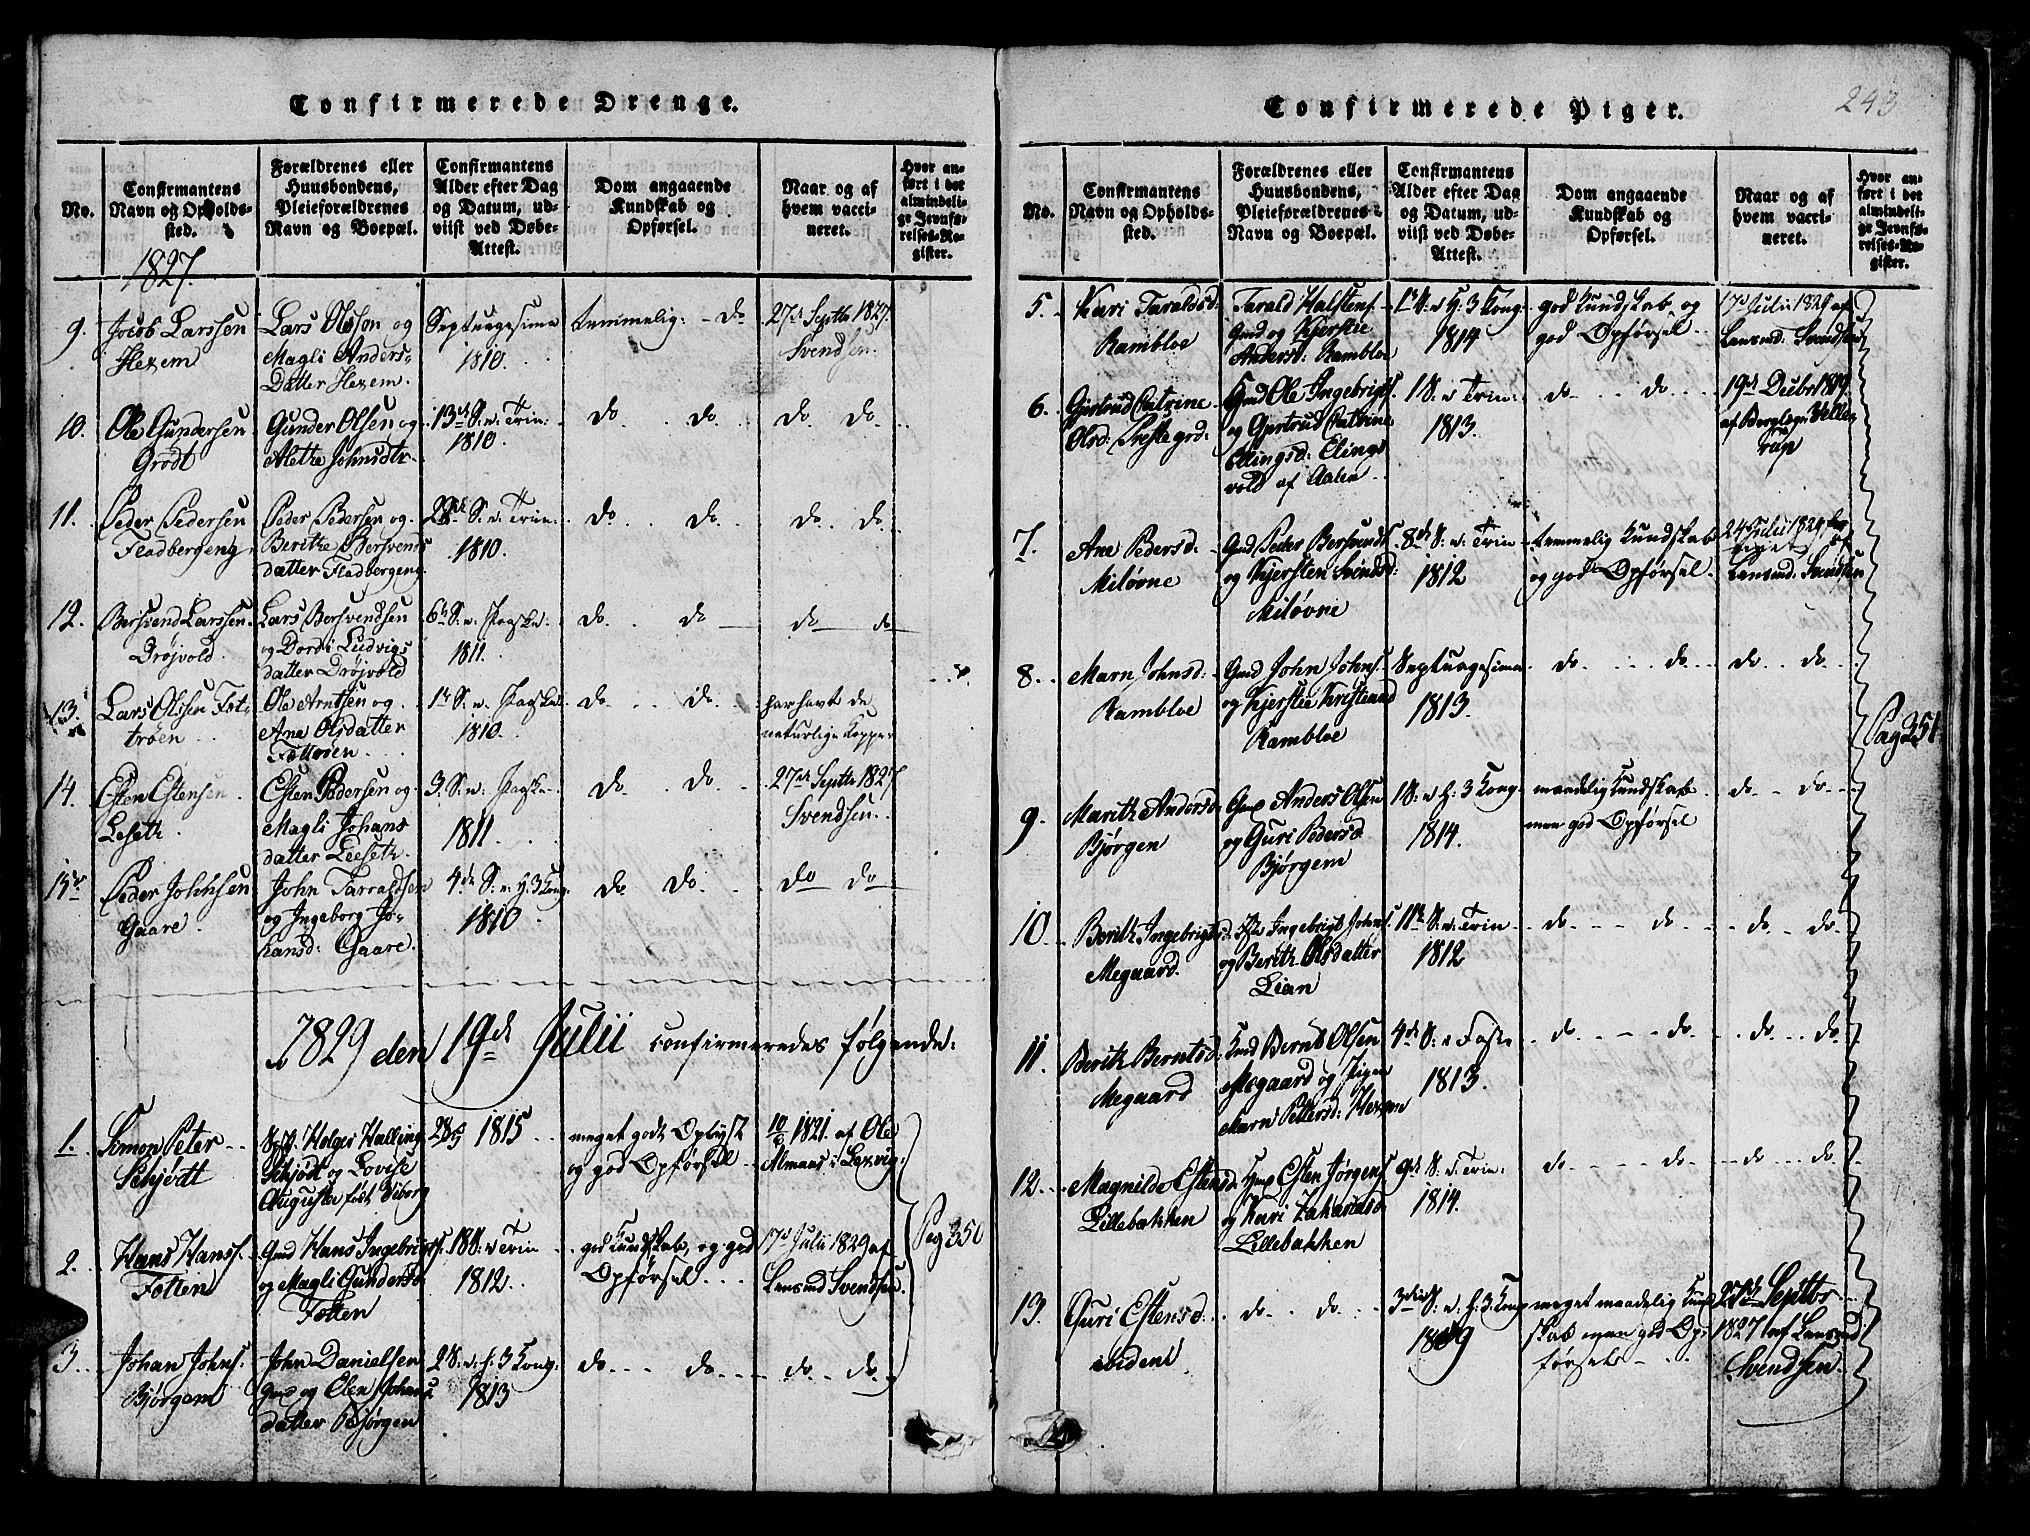 SAT, Ministerialprotokoller, klokkerbøker og fødselsregistre - Sør-Trøndelag, 685/L0976: Klokkerbok nr. 685C01, 1817-1878, s. 243